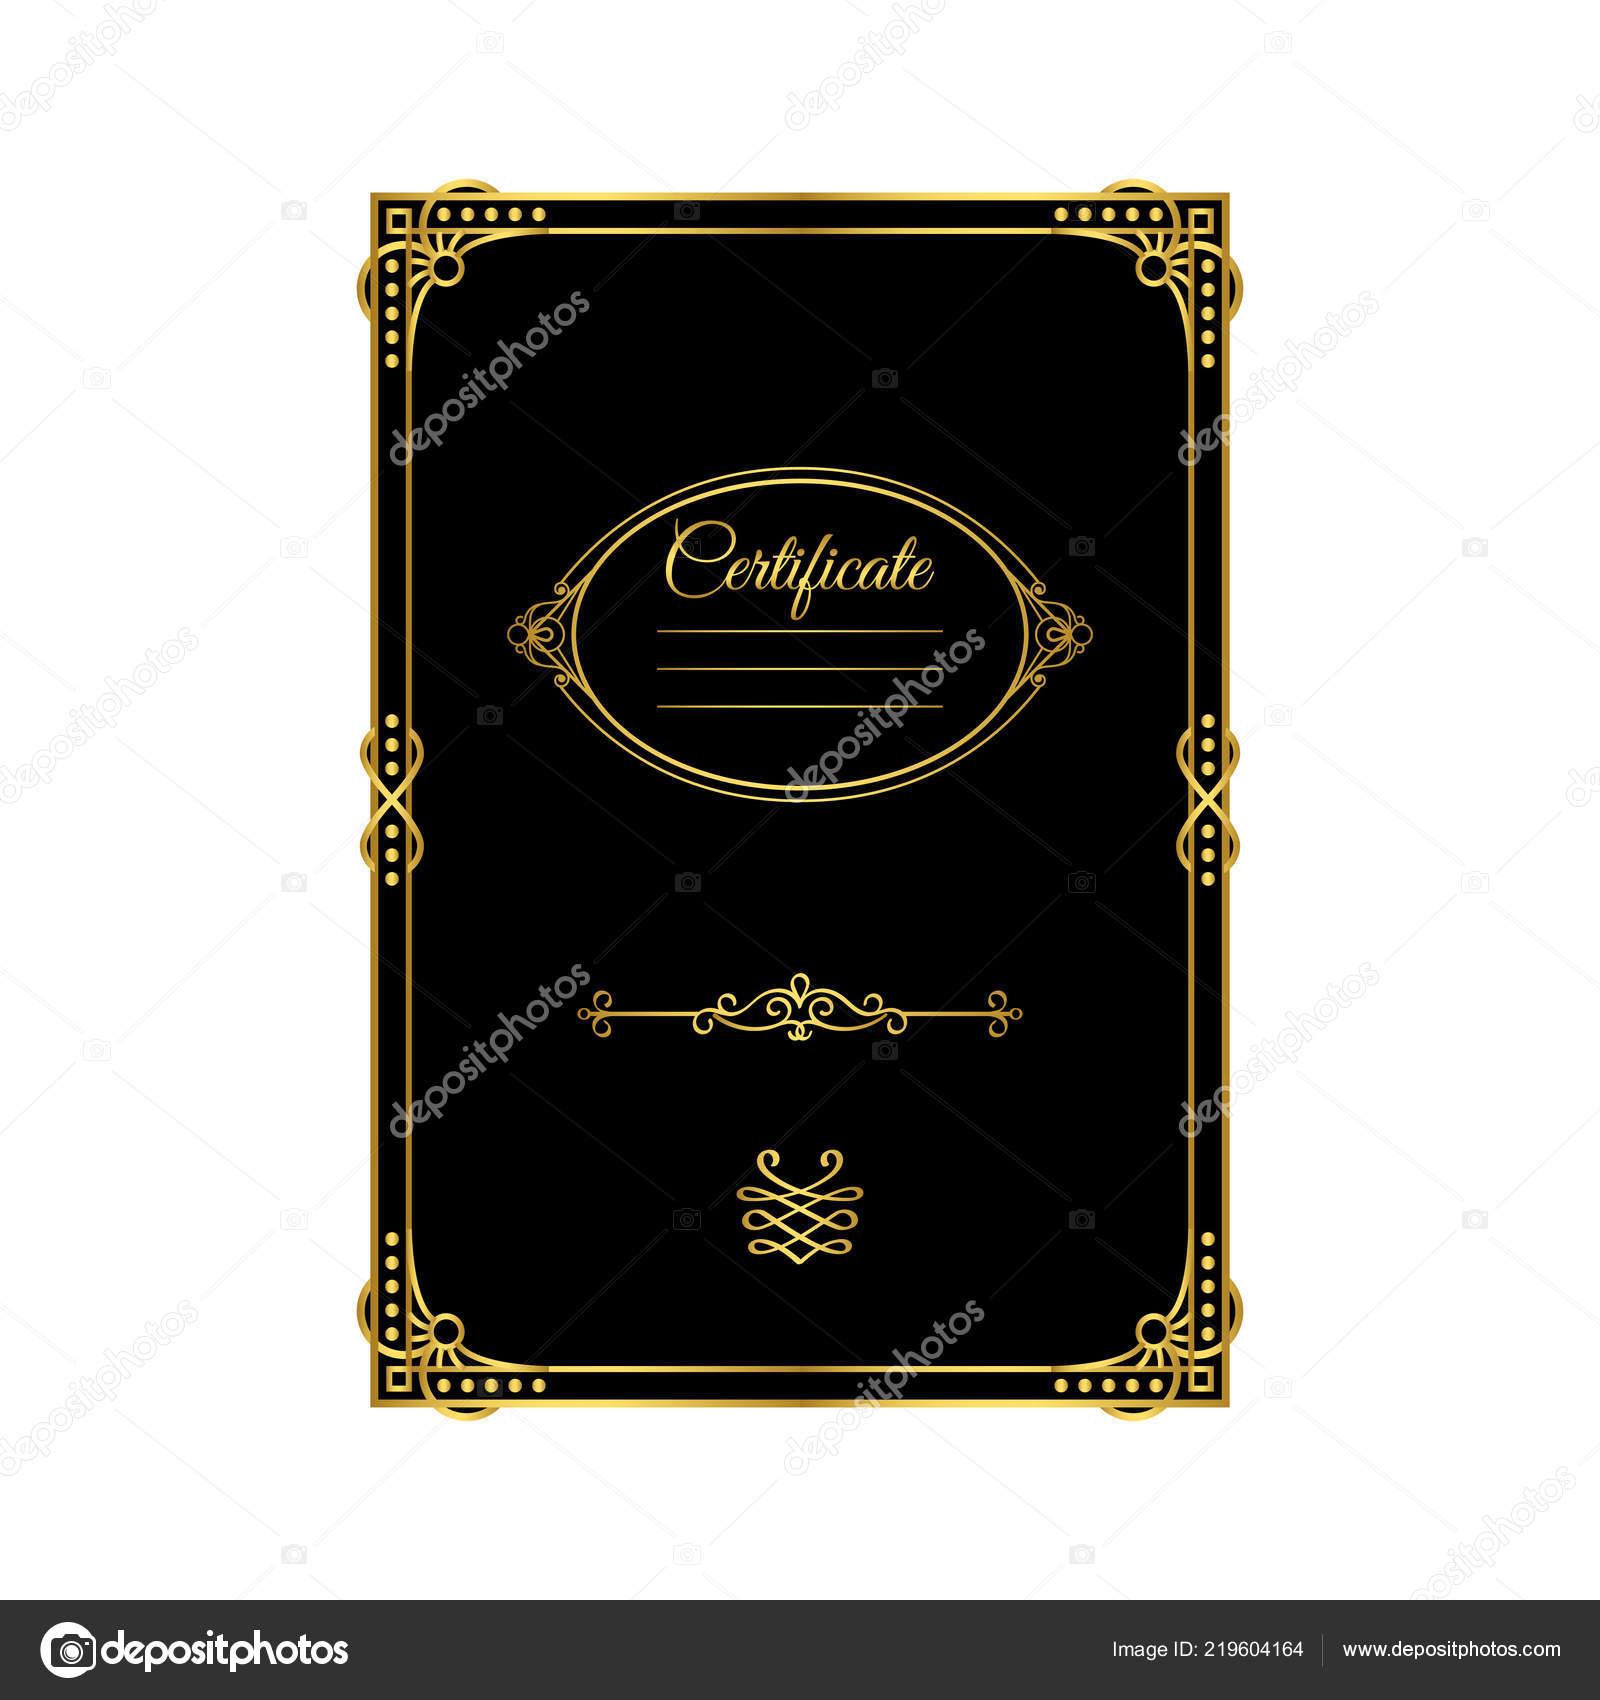 Vintage Golden Frame Certificate Template